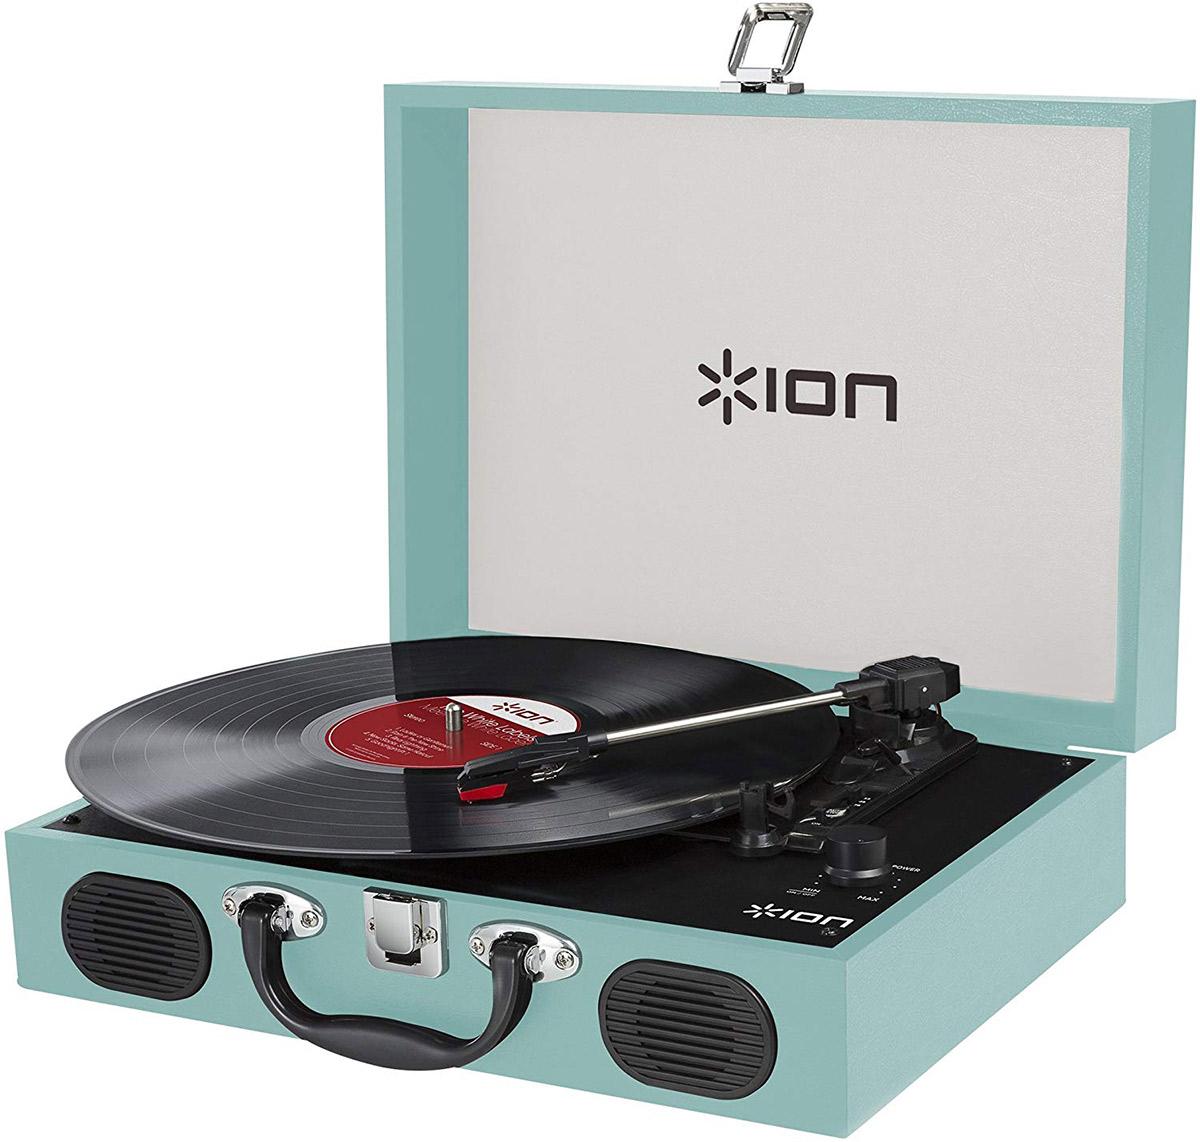 公式ストア ION AUDIO VINYL TRANSPORT レコードプレーヤー BLUE 入荷予定 水色 アイオンオーディオ